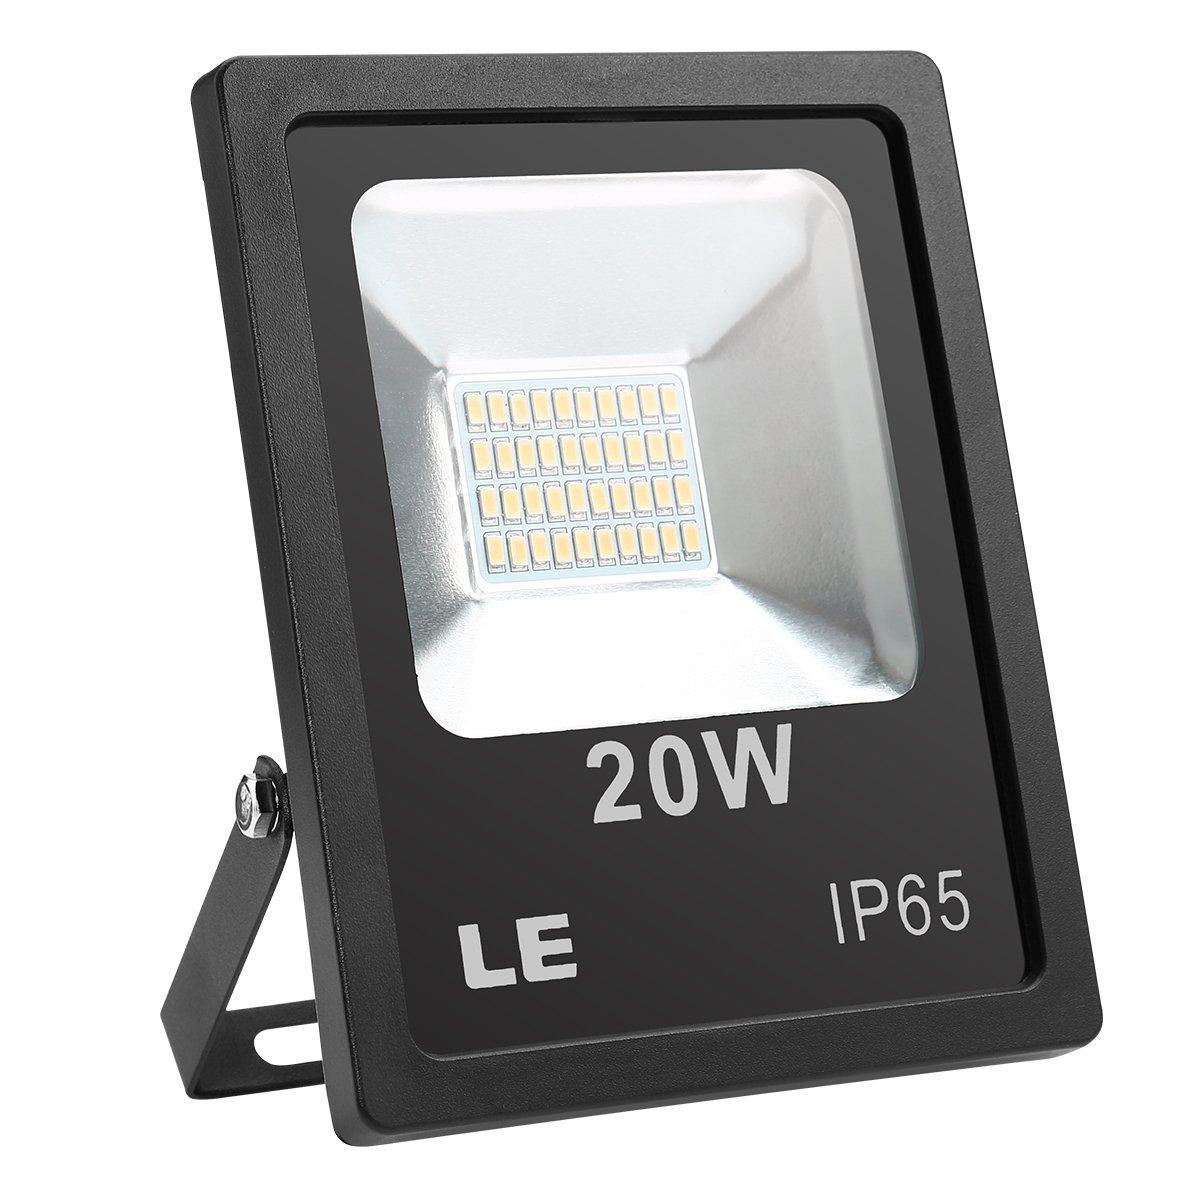 LE 20w led Strahler, Warmweiß Scheinwerfer, IP65 wasserdicht Flutlicht, Aluminium Außenstrahler [Energieklasse A+] Warmweiß Scheinwerfer Lighting EVER